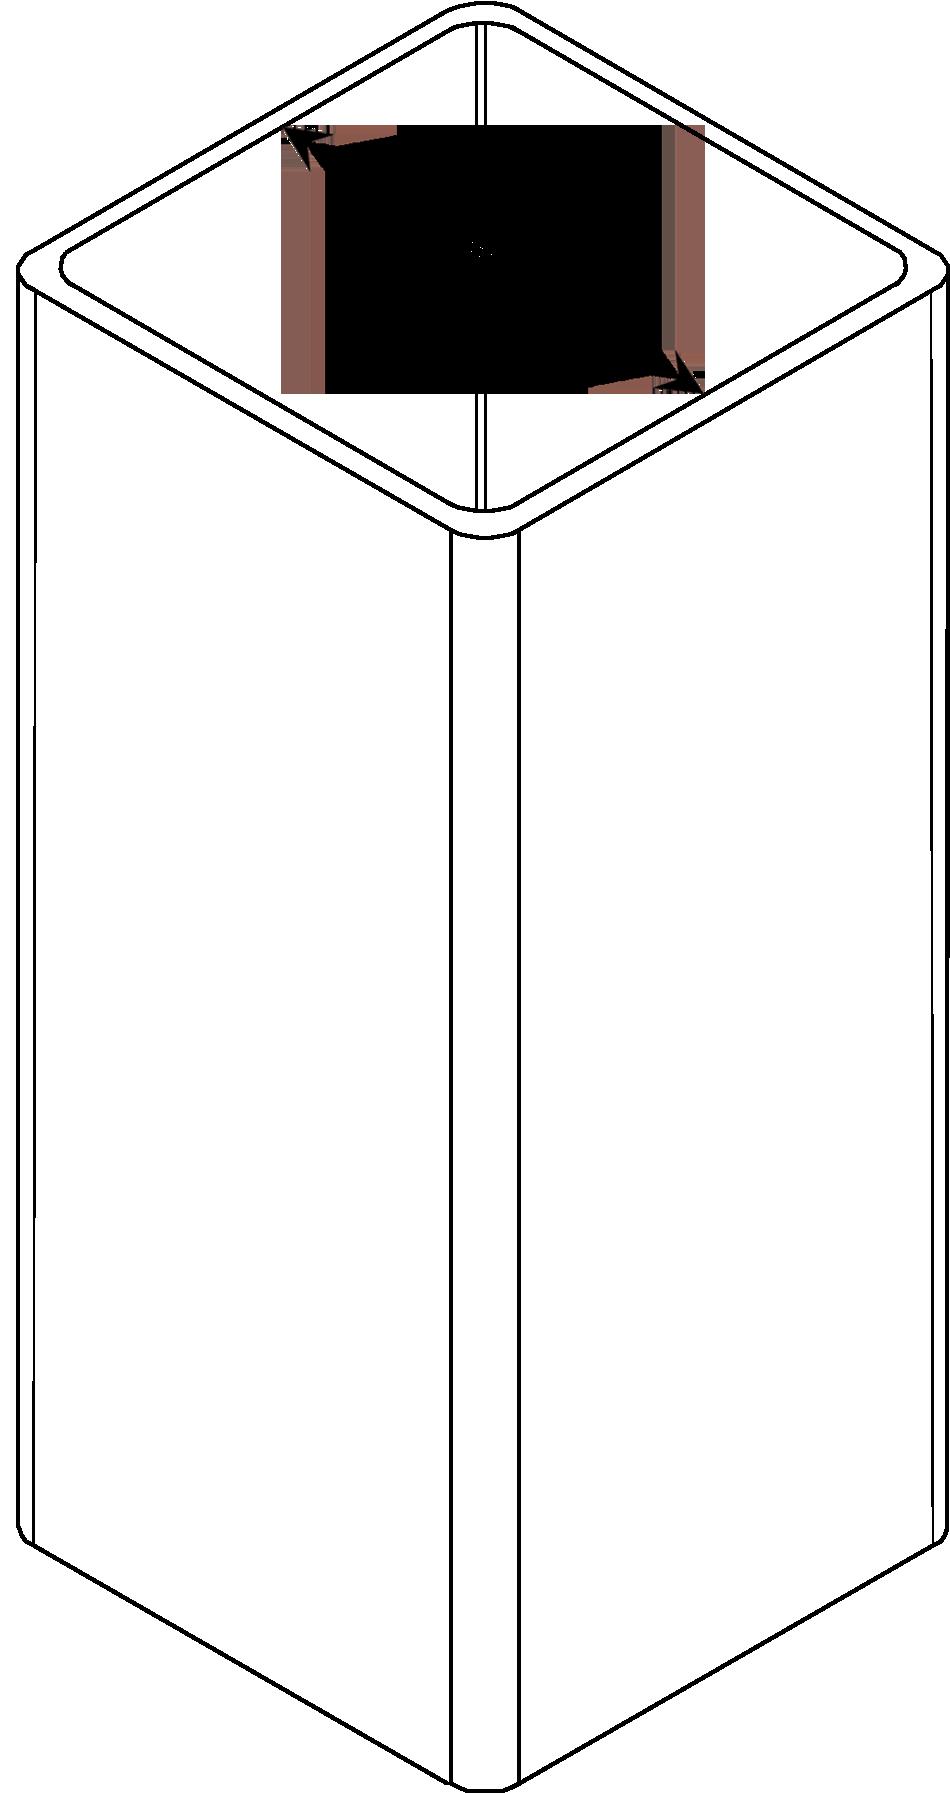 Vinyl Post Internal Measurement Diagram